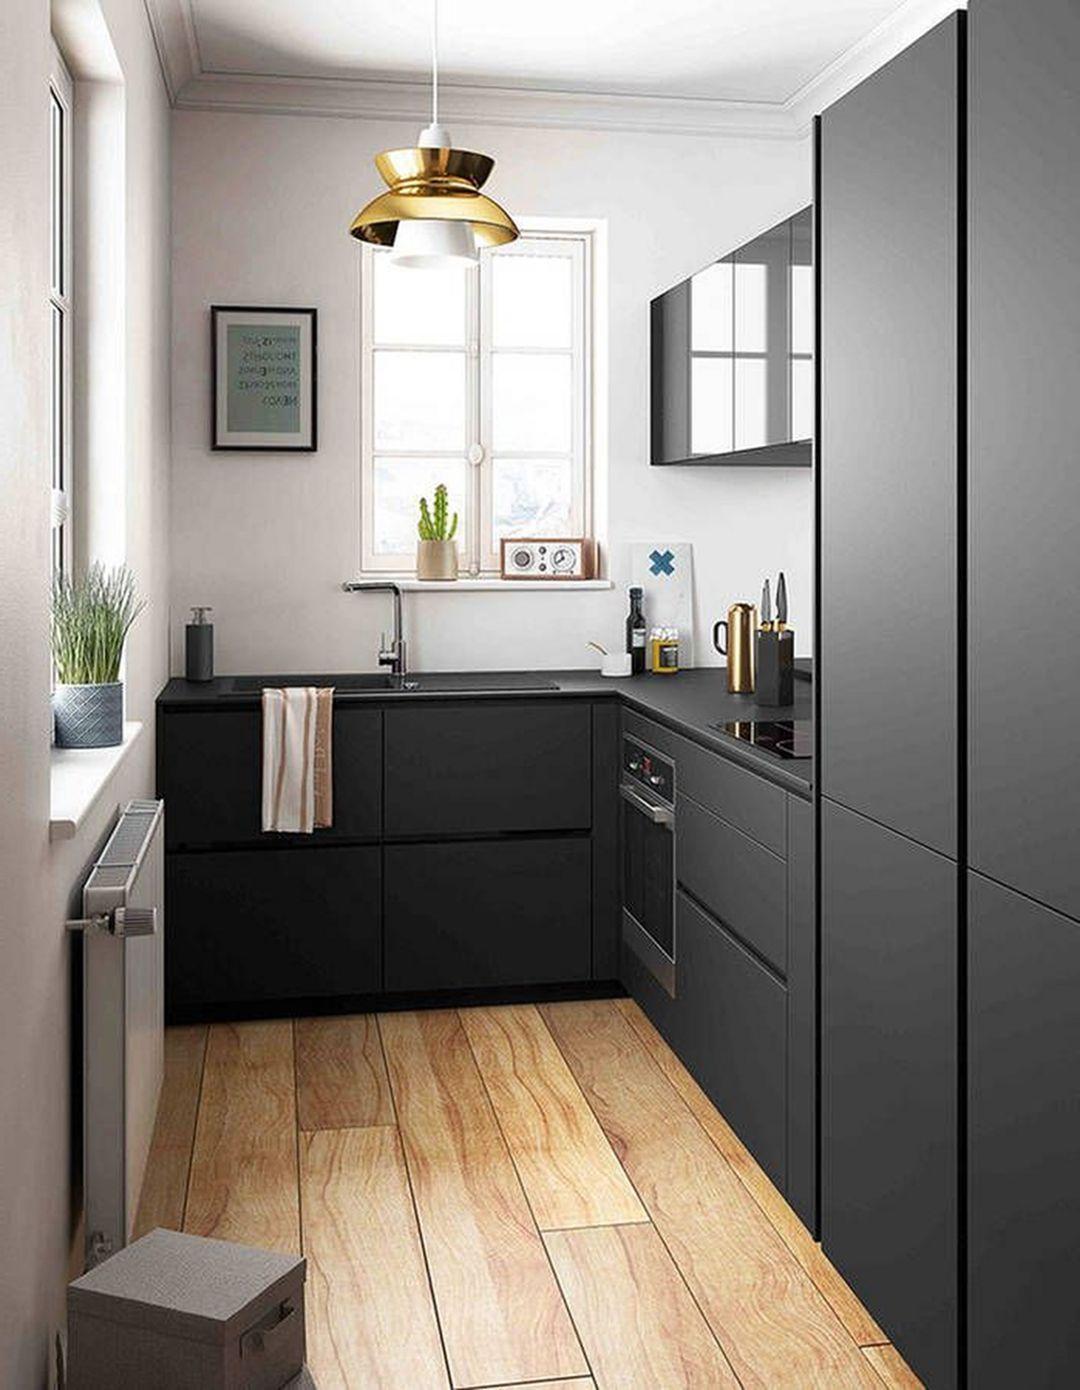 best 15 amazing small modern kitchen design ideas small modern kitchens on kitchen decor themes modern id=67154